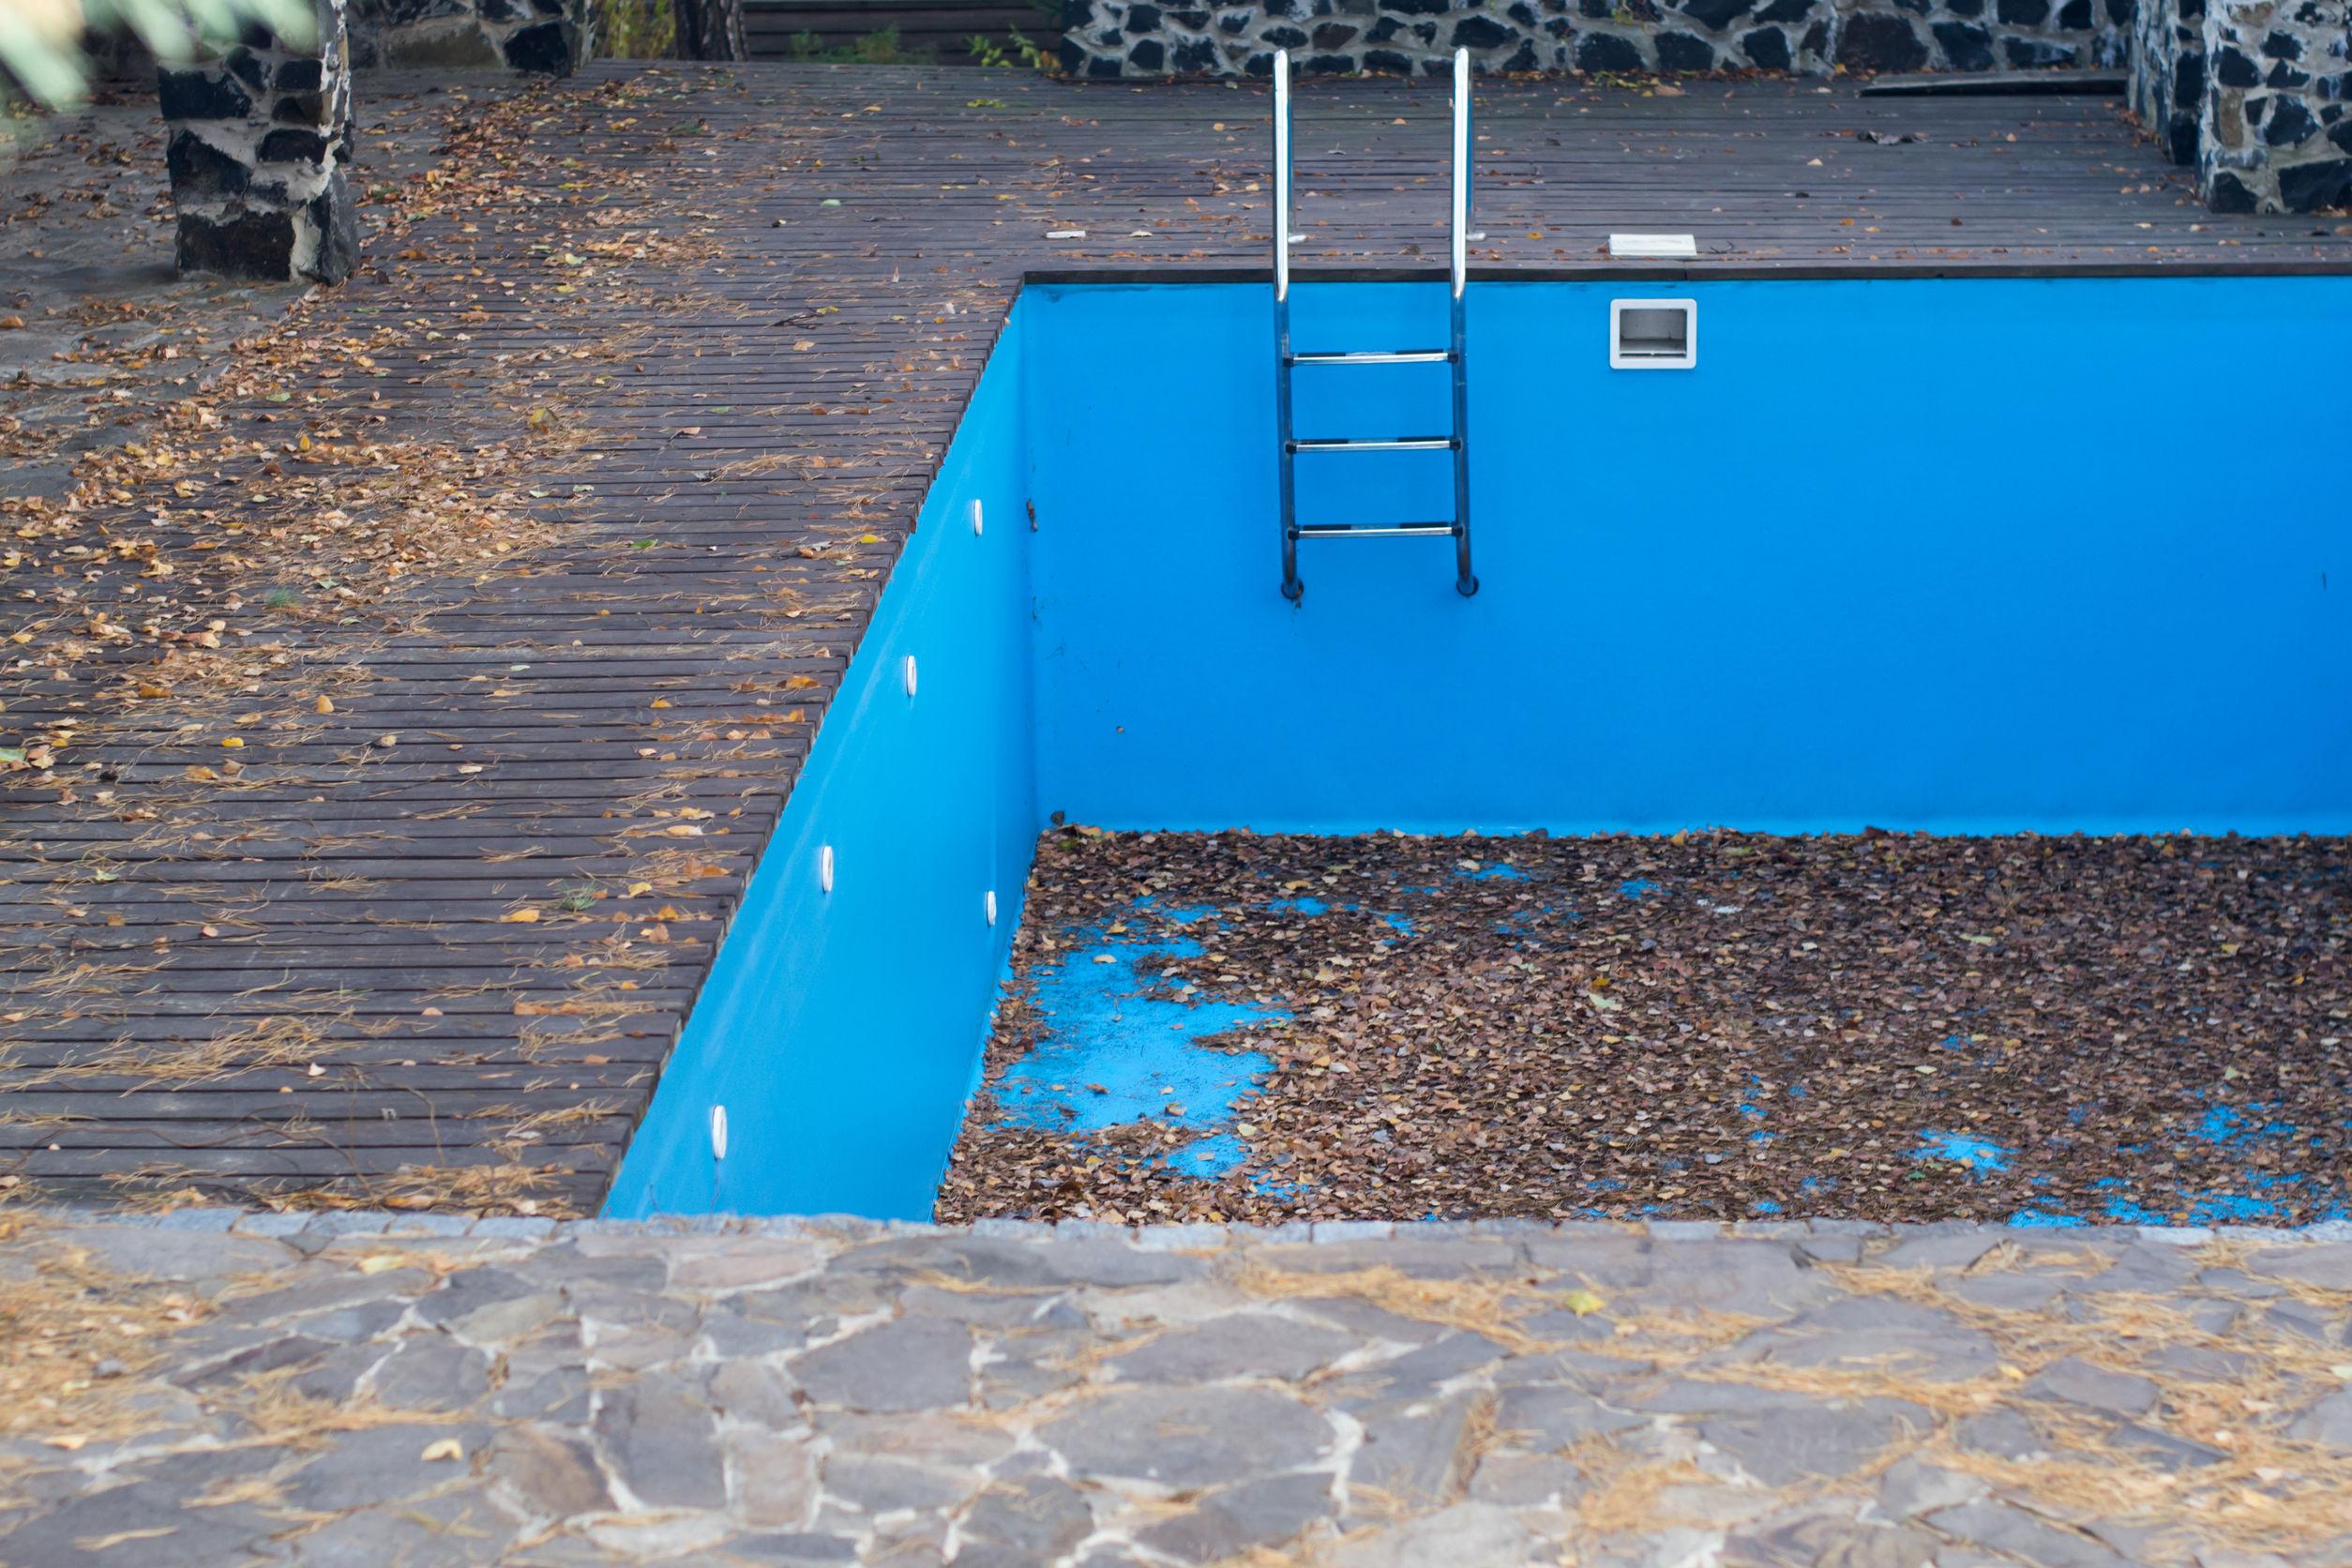 ¿Se debe vaciar la piscina en invierno?